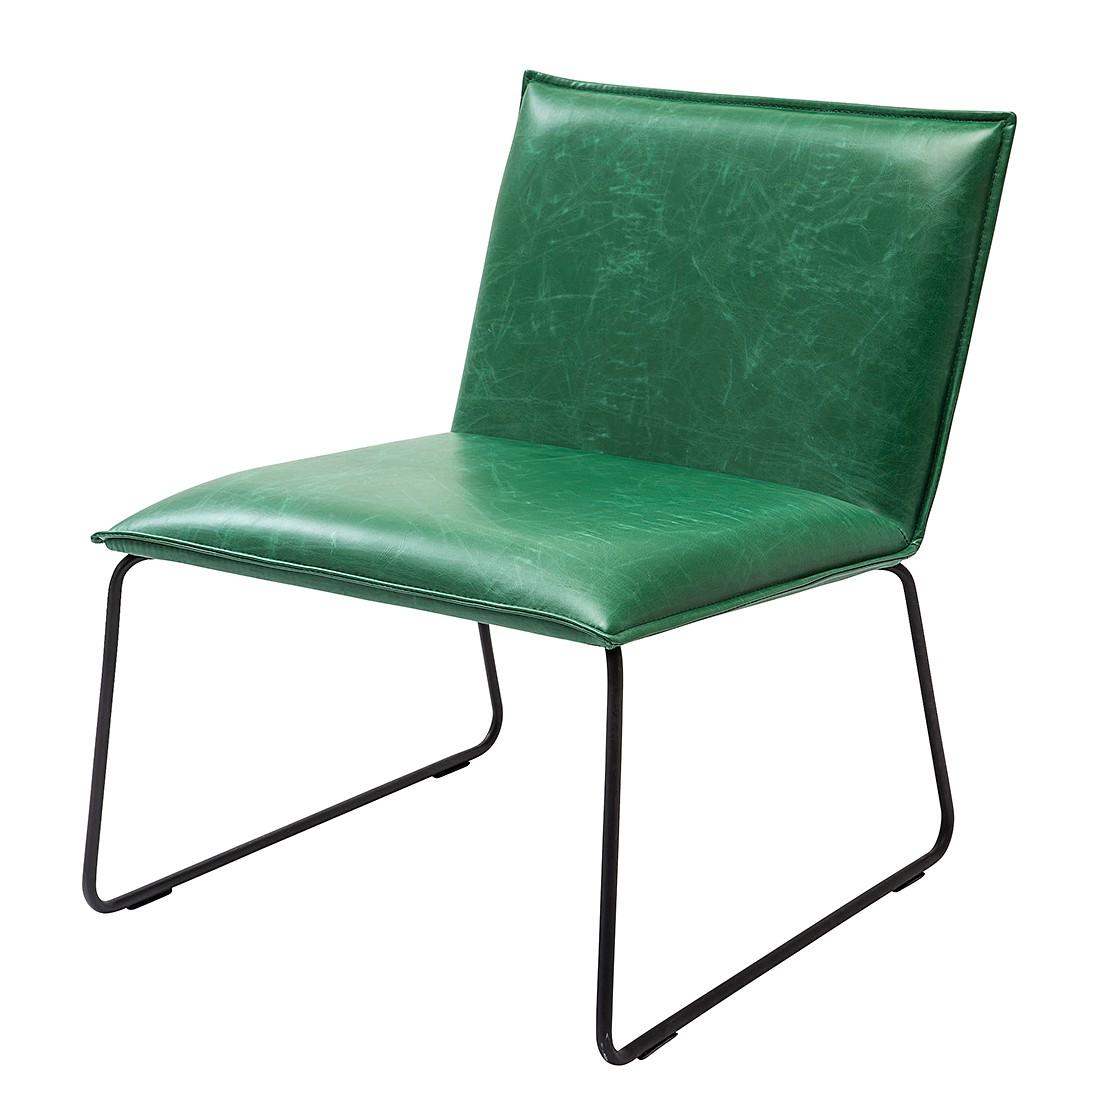 Gestoffeerde stoel Niels - kunstleer/groen vintage staal/zwart, Kare Design